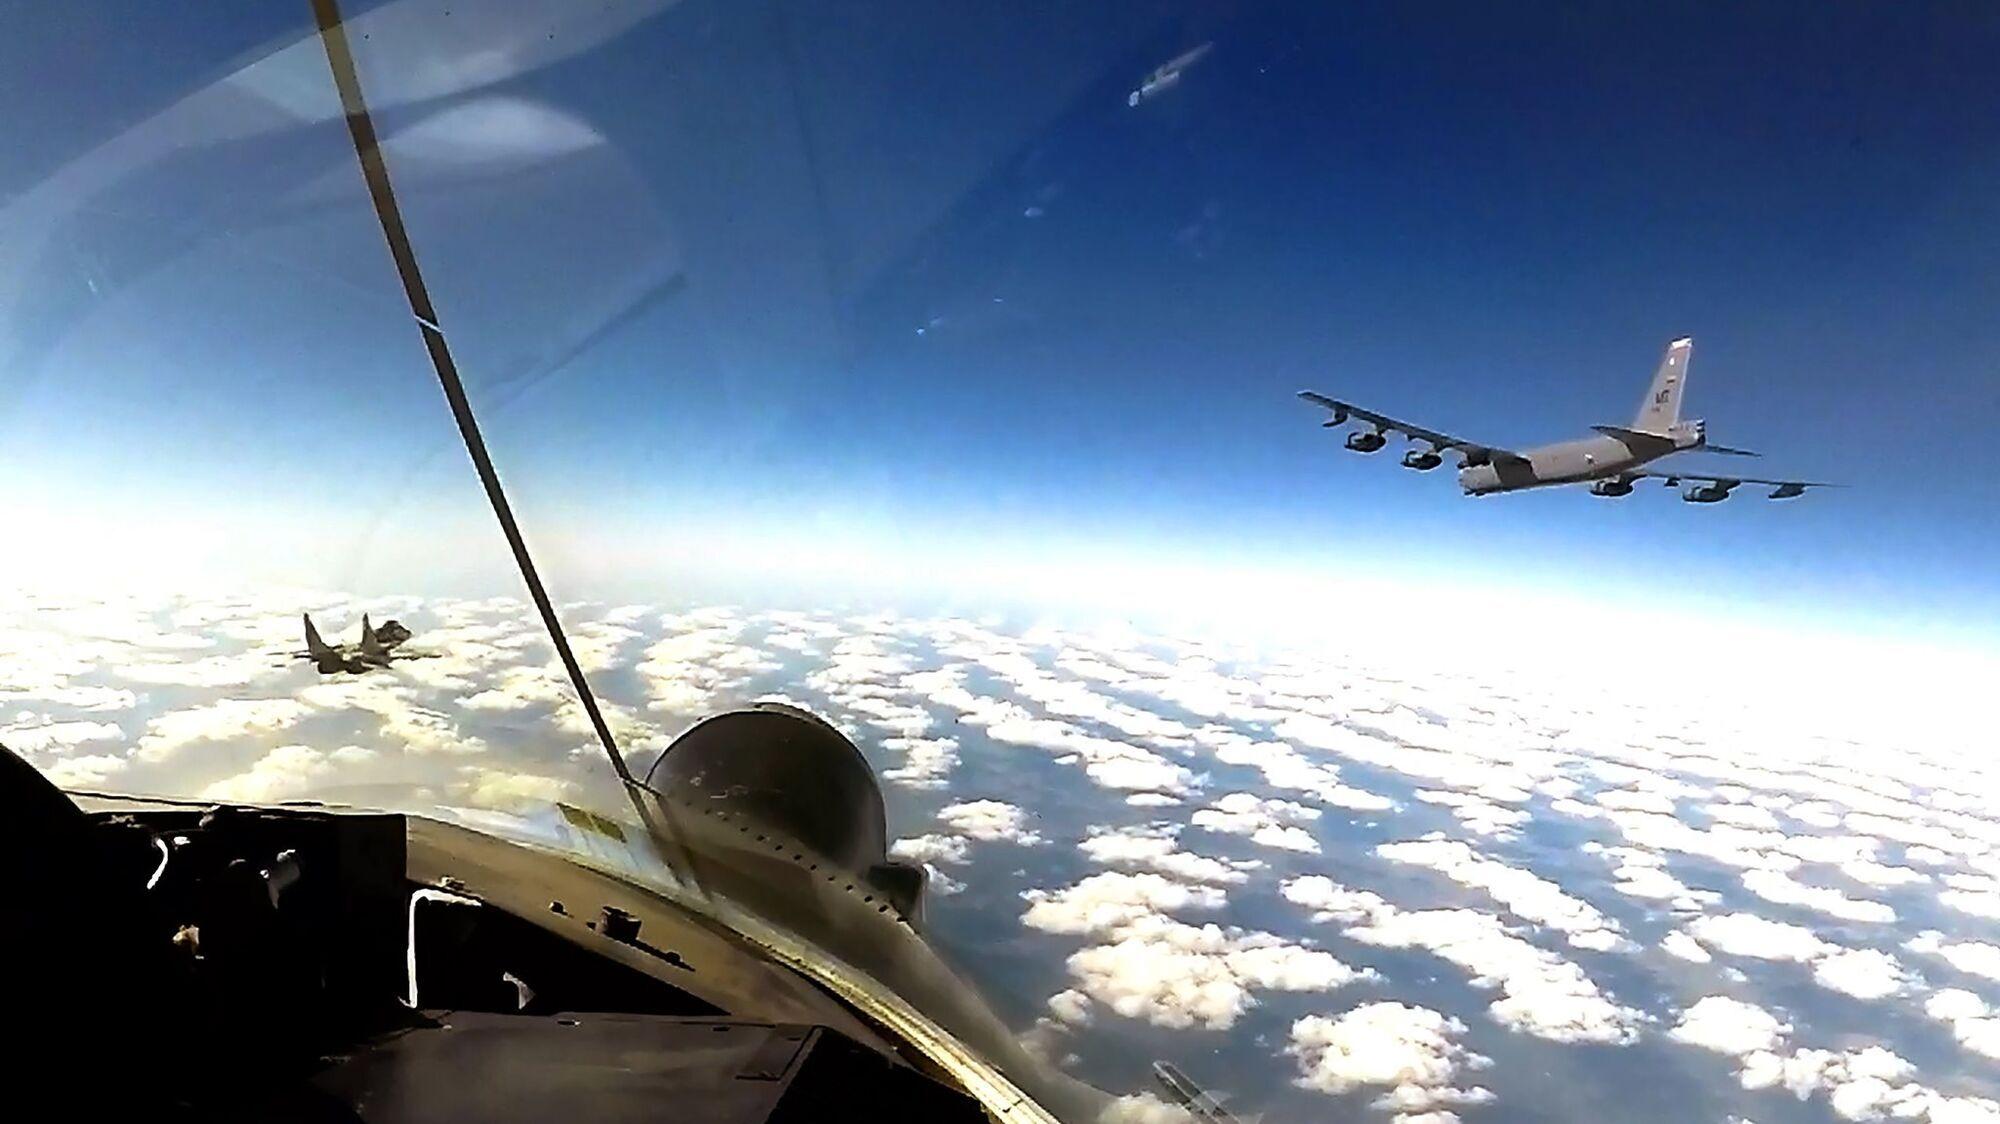 Совместные патрулирования самолетами США и Украины вблизи Крыма станут постоянными.